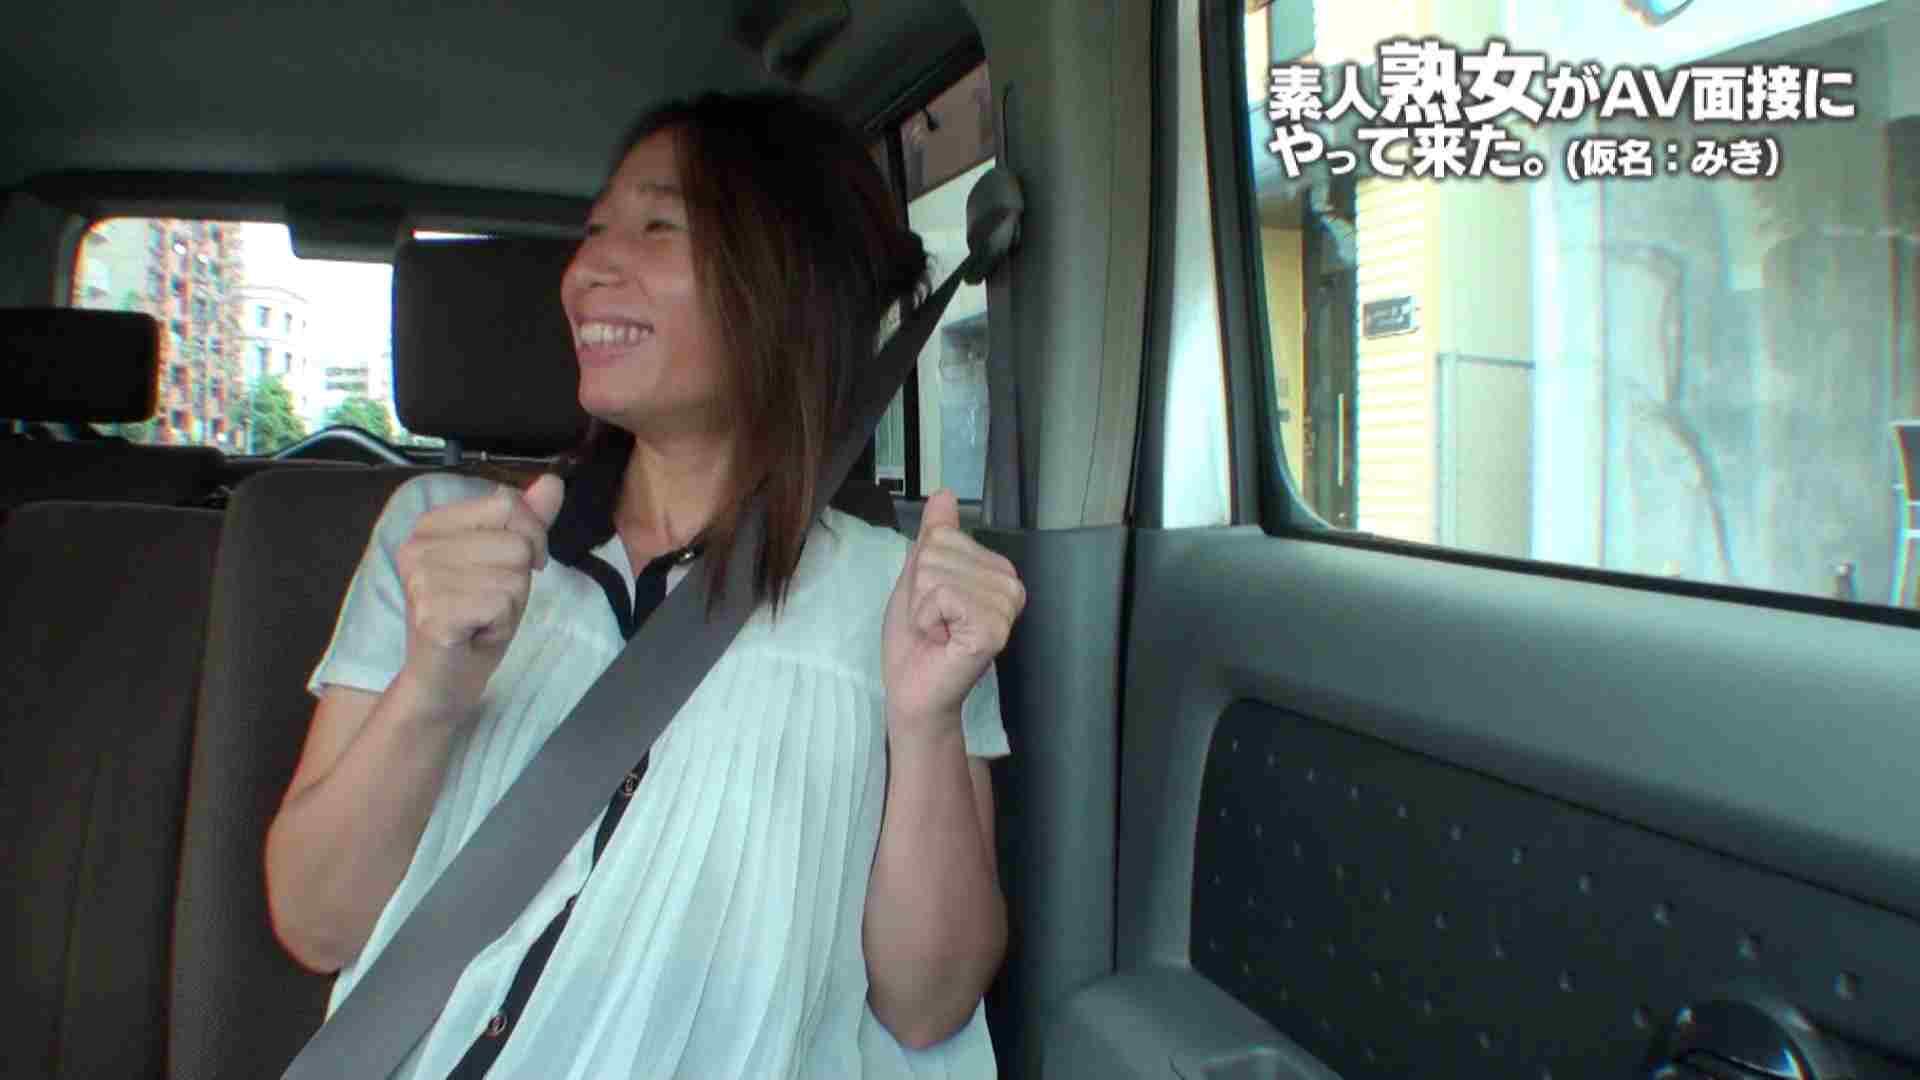 素人熟女がAV面接にやってきた (熟女)みきさんVOL.01 セックス われめAV動画紹介 86pic 83